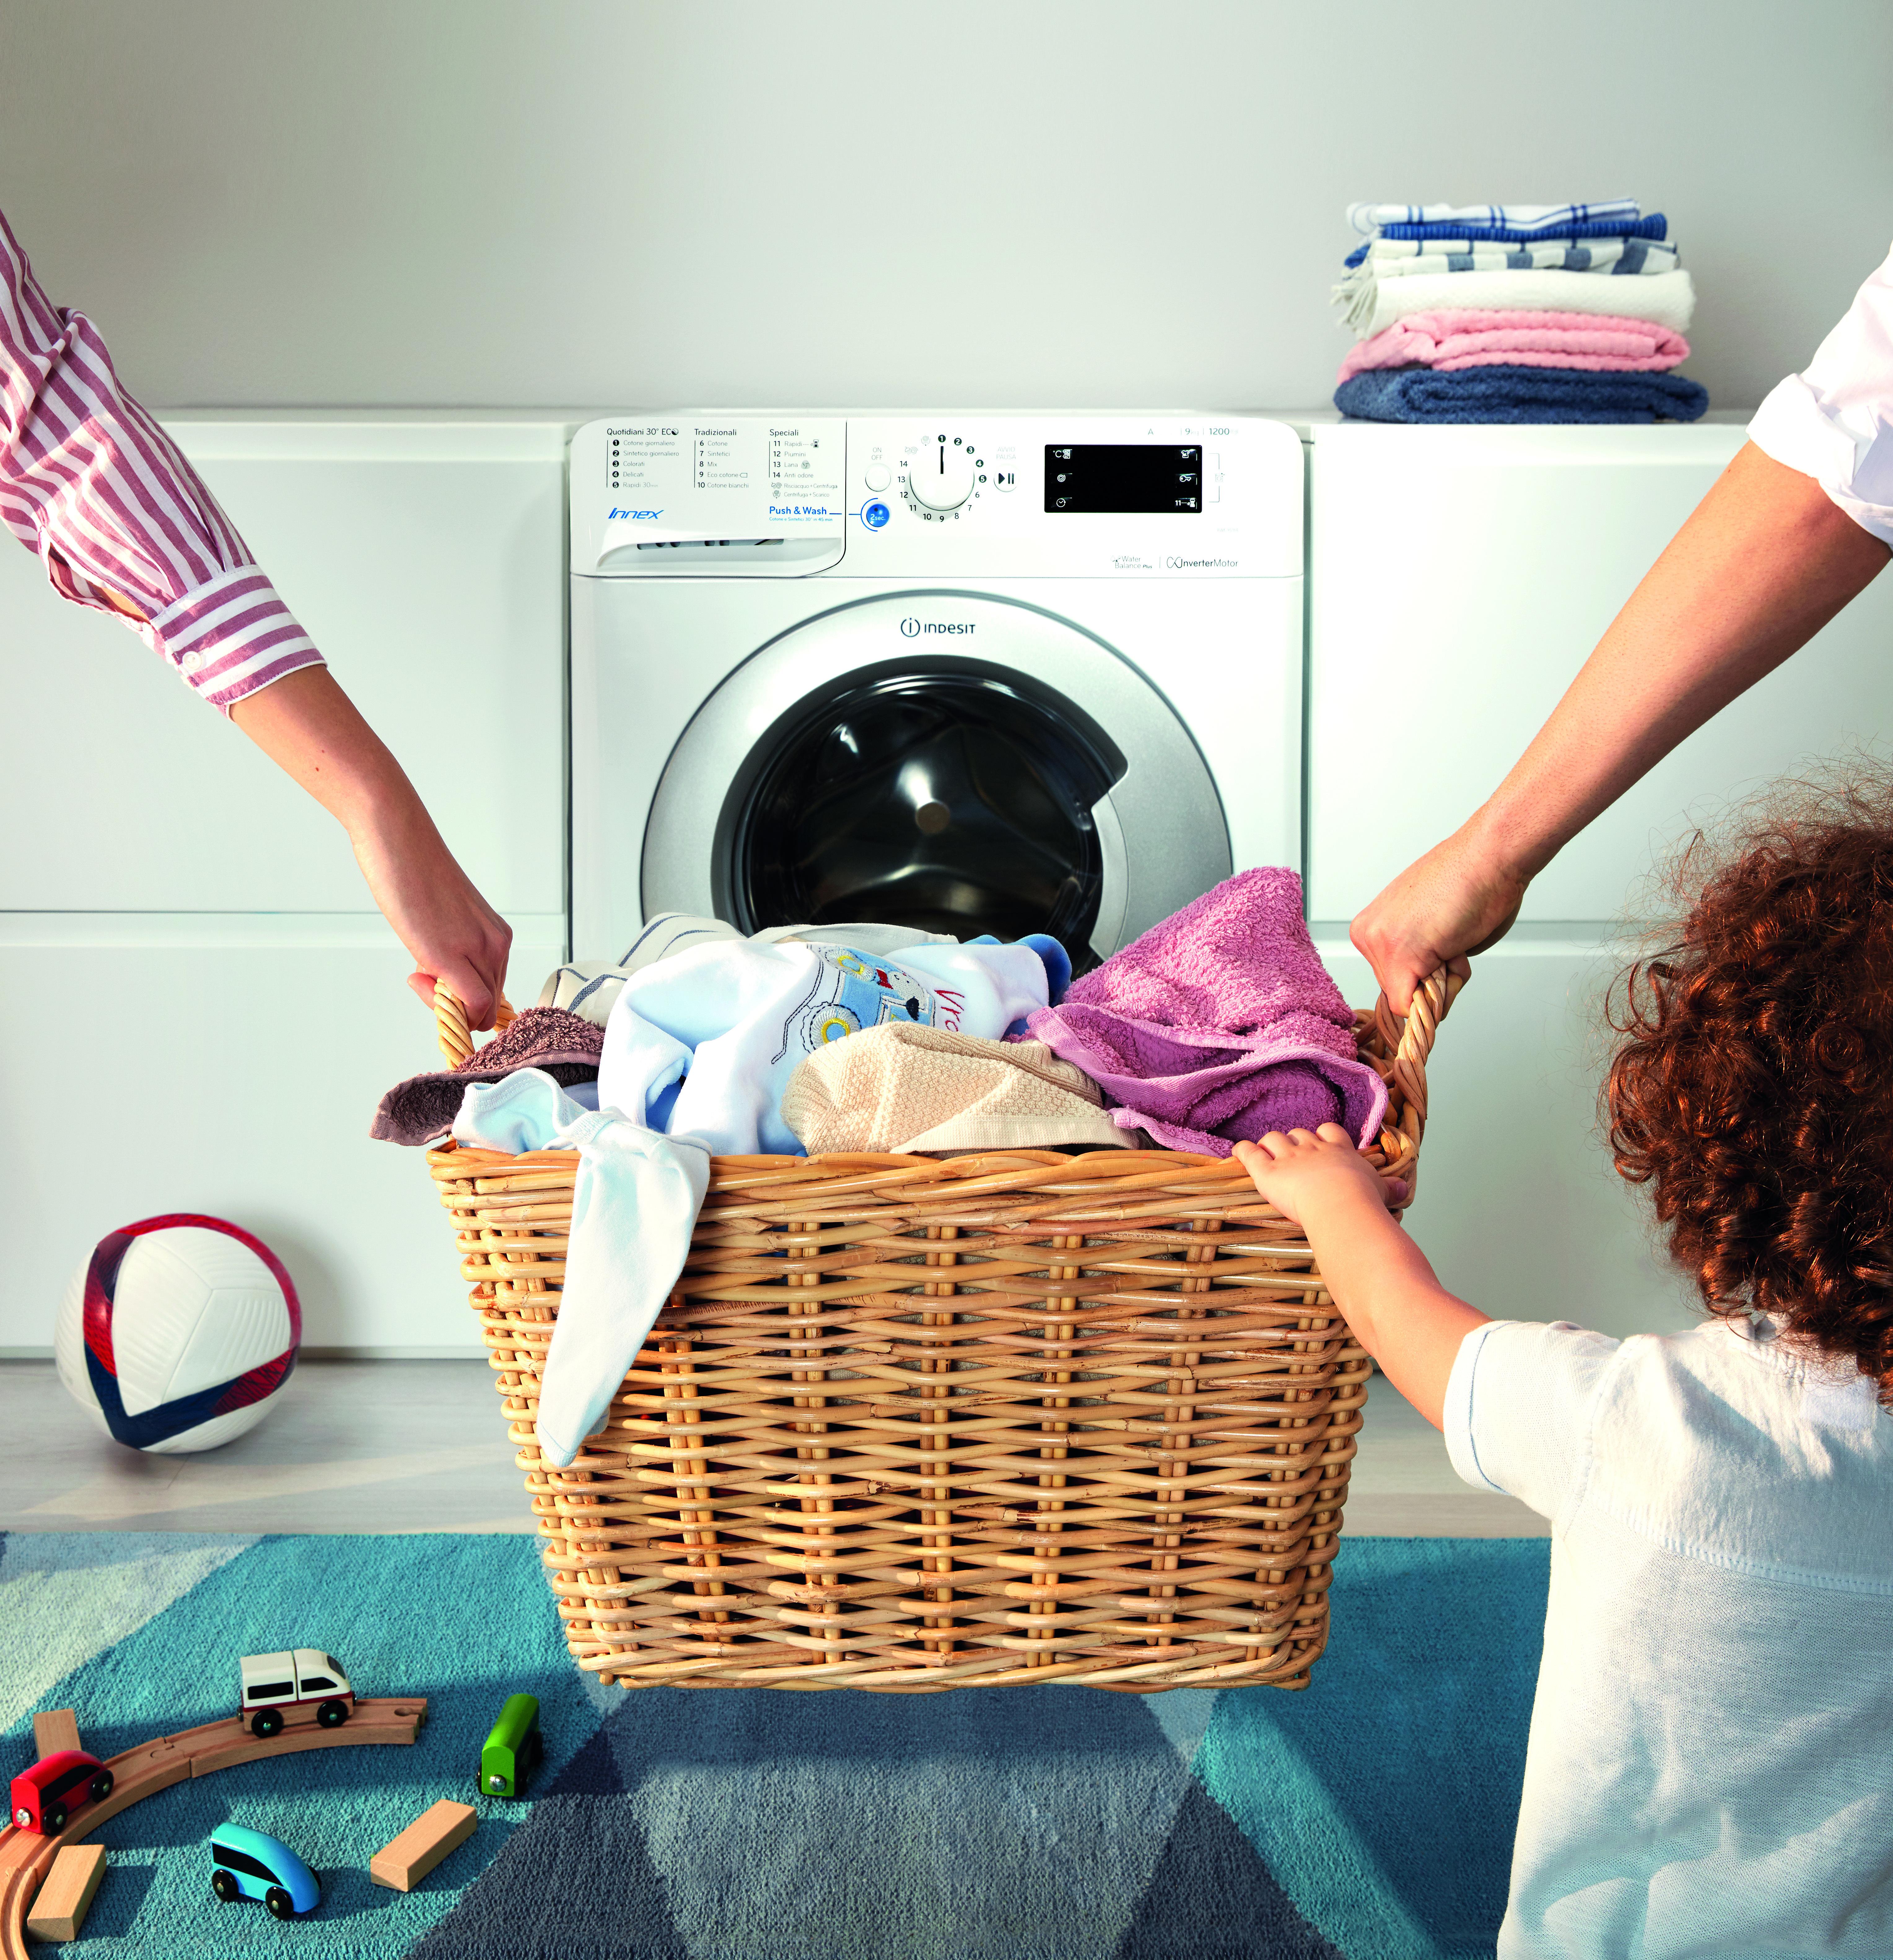 Kobieta zrobi to lepiej? Mężczyzna raczej tego nie sprawdzi – wyniki raportu dot. obowiązków domowych